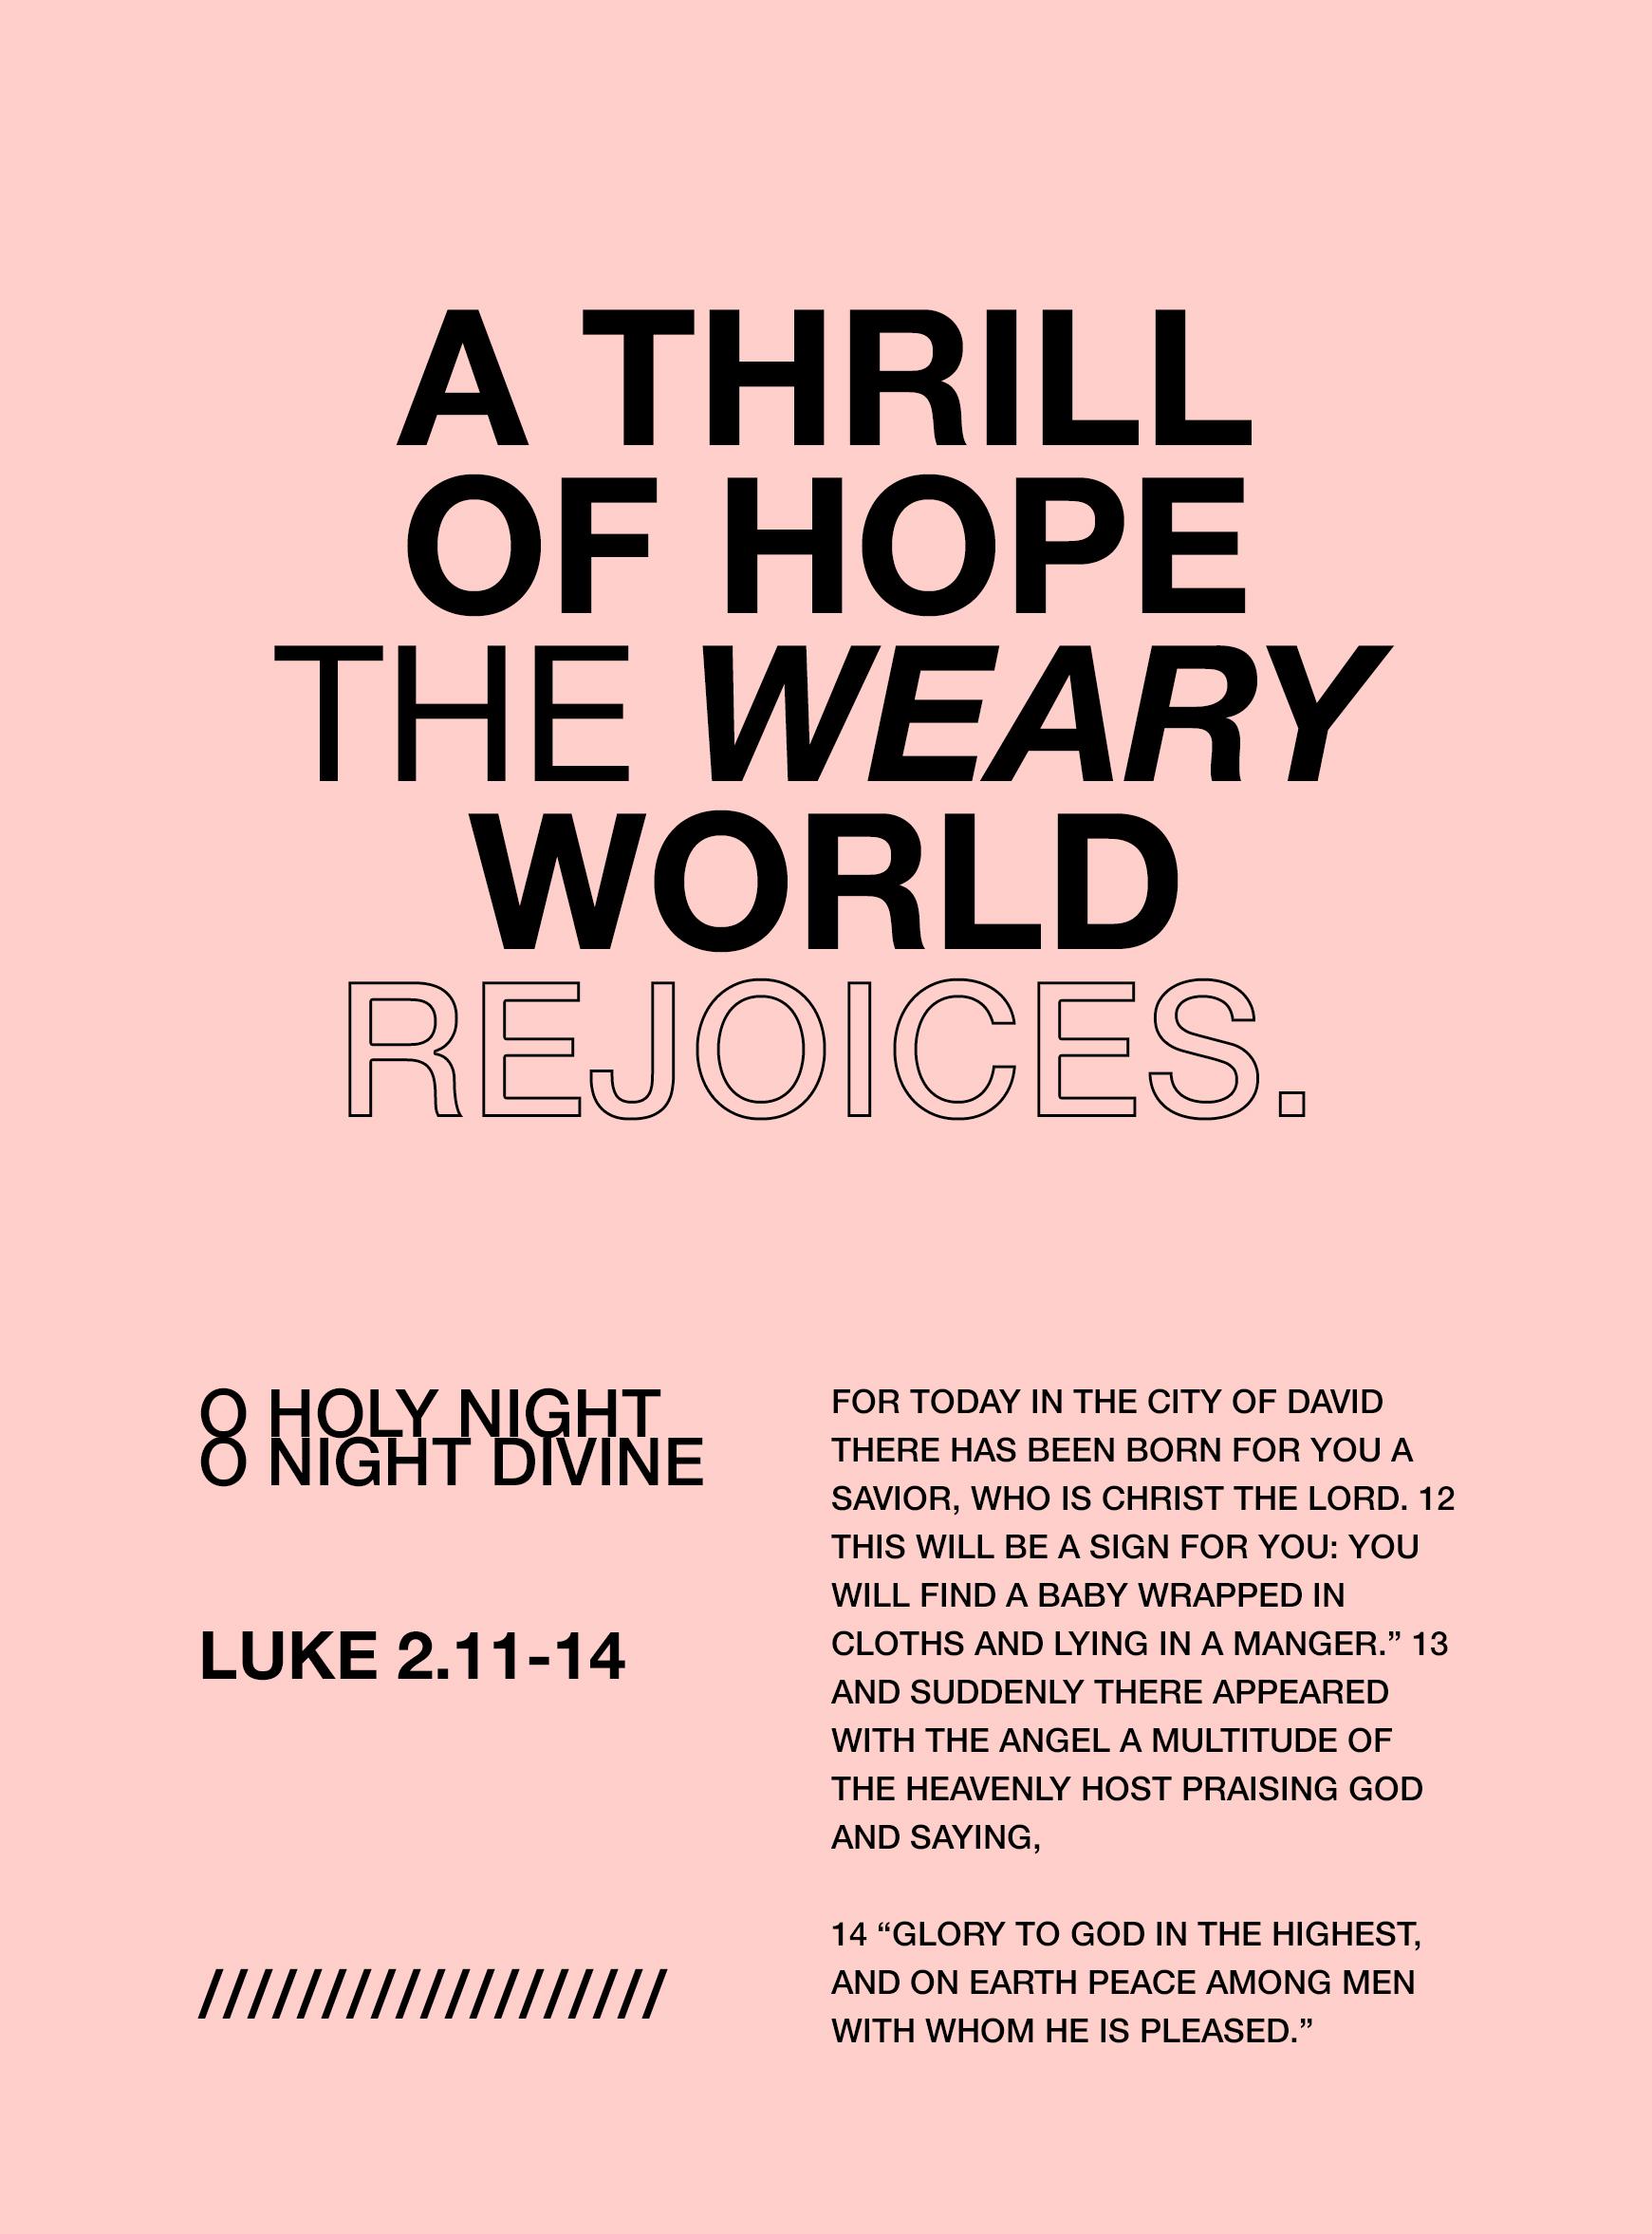 weary-world-rejoices-03.jpg